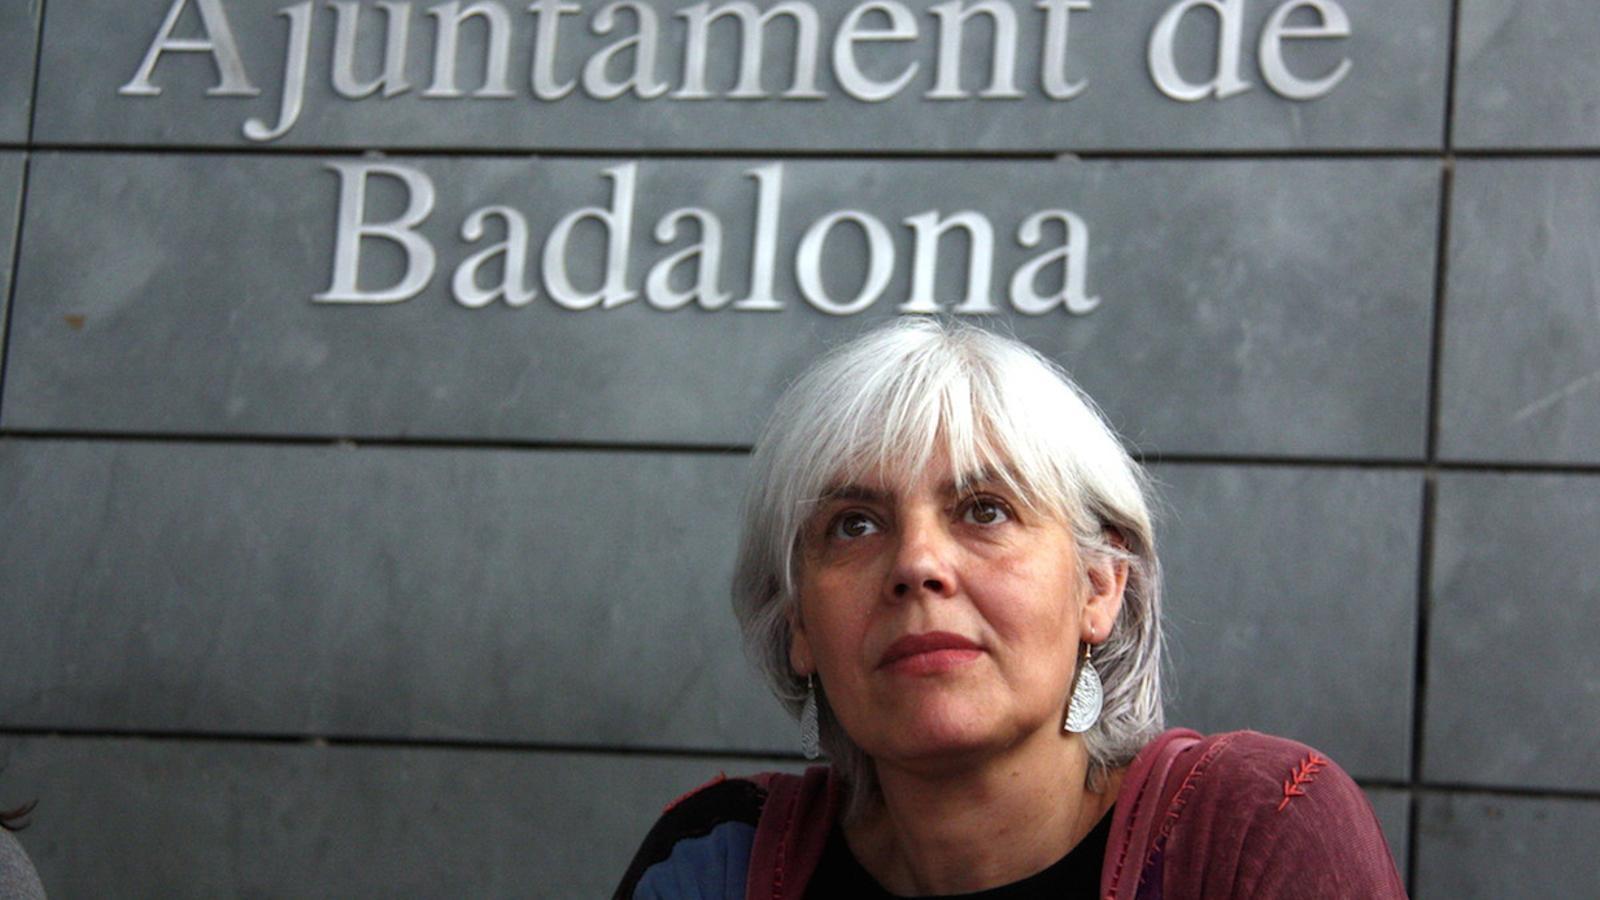 Guanyem Badalona sumarà per ERC i no per la CUP a les eleccions municipals